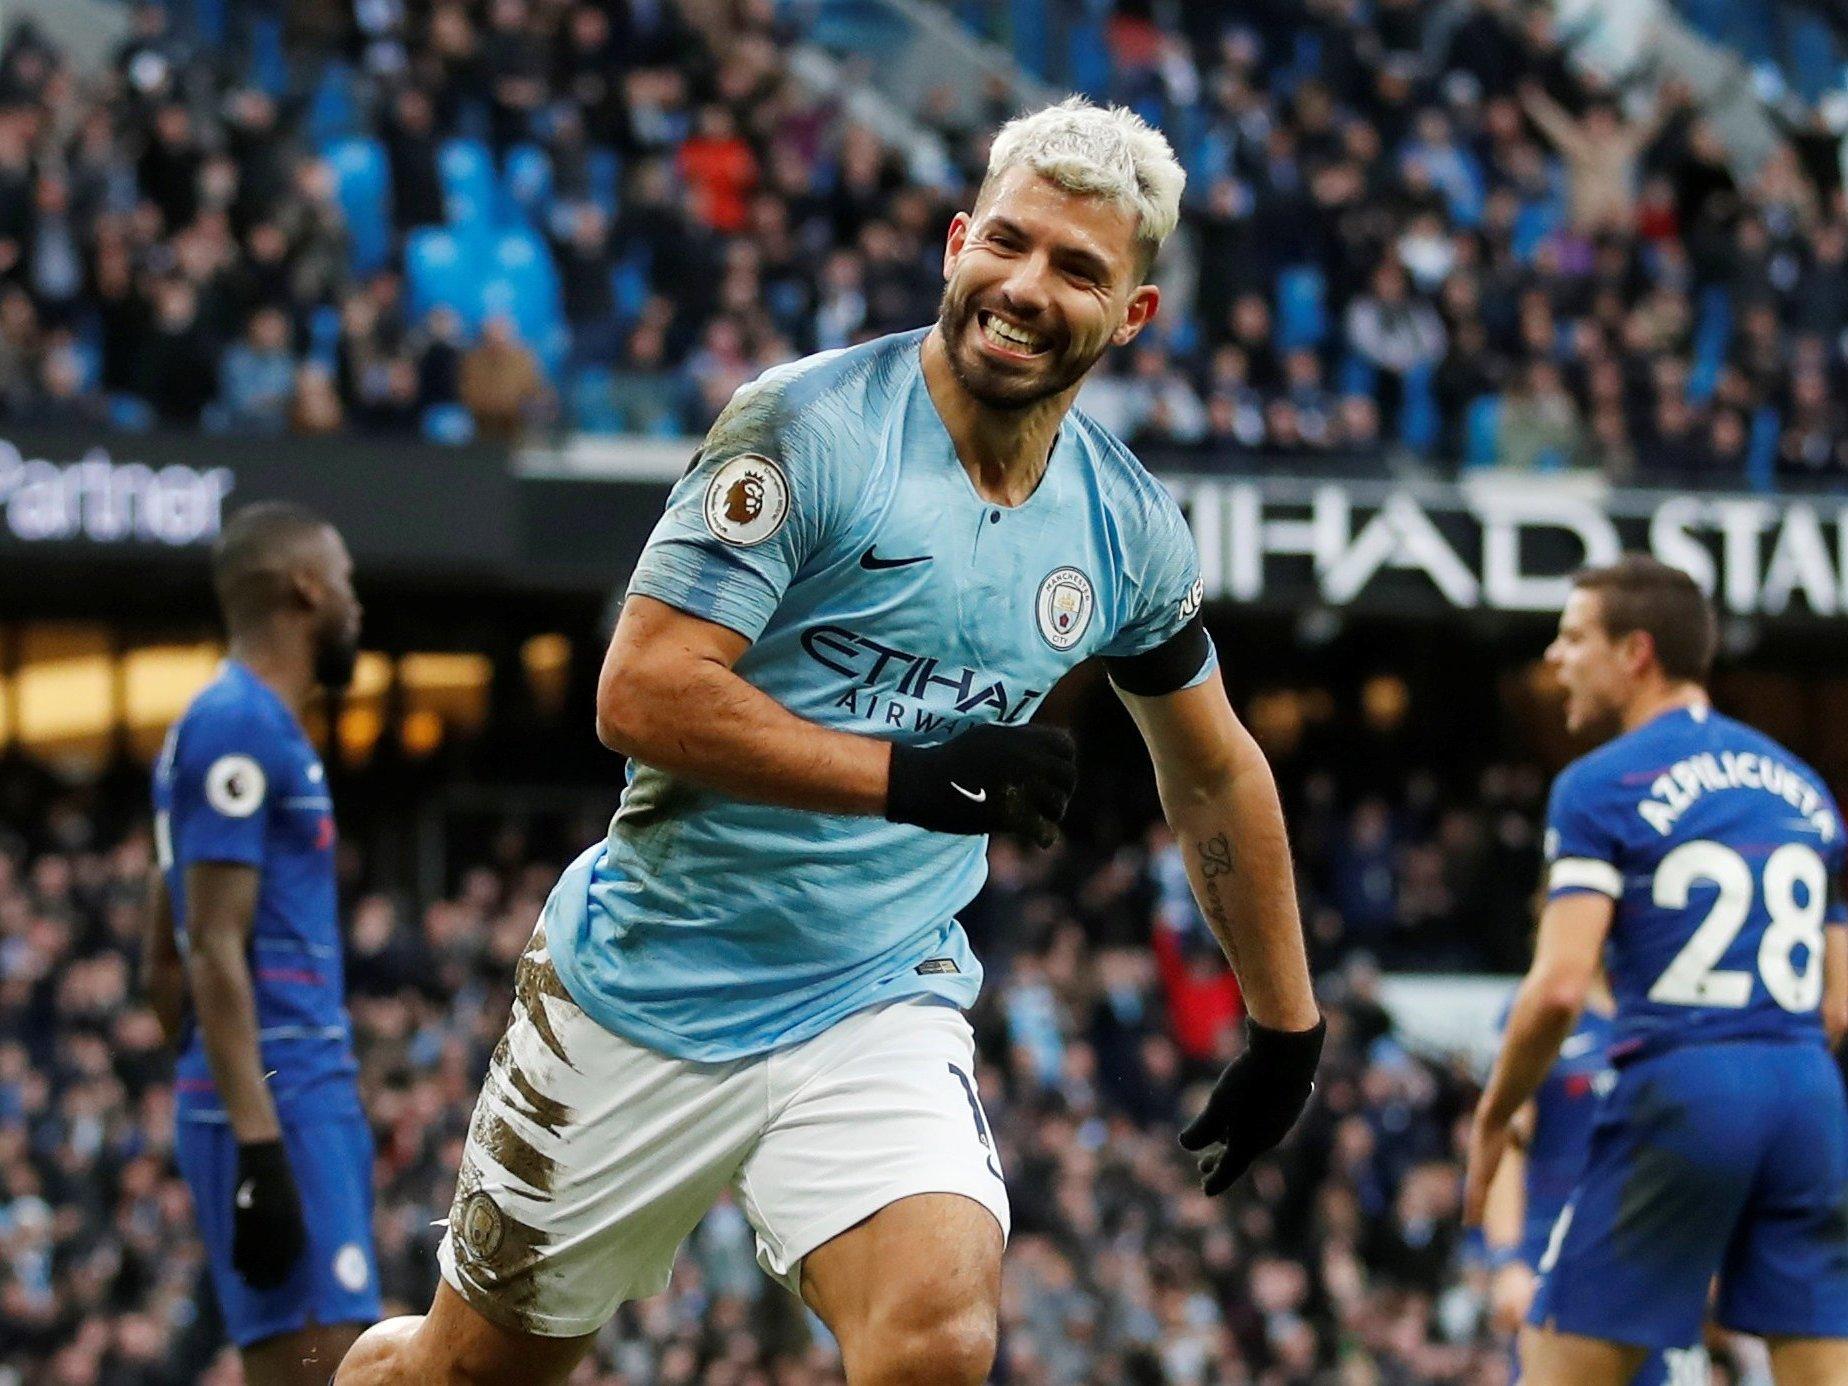 Dư âm cuộc thảm sát: Chelsea tự vác đá đập chân, City chờ Man Utd đáp lễ - Bóng Đá